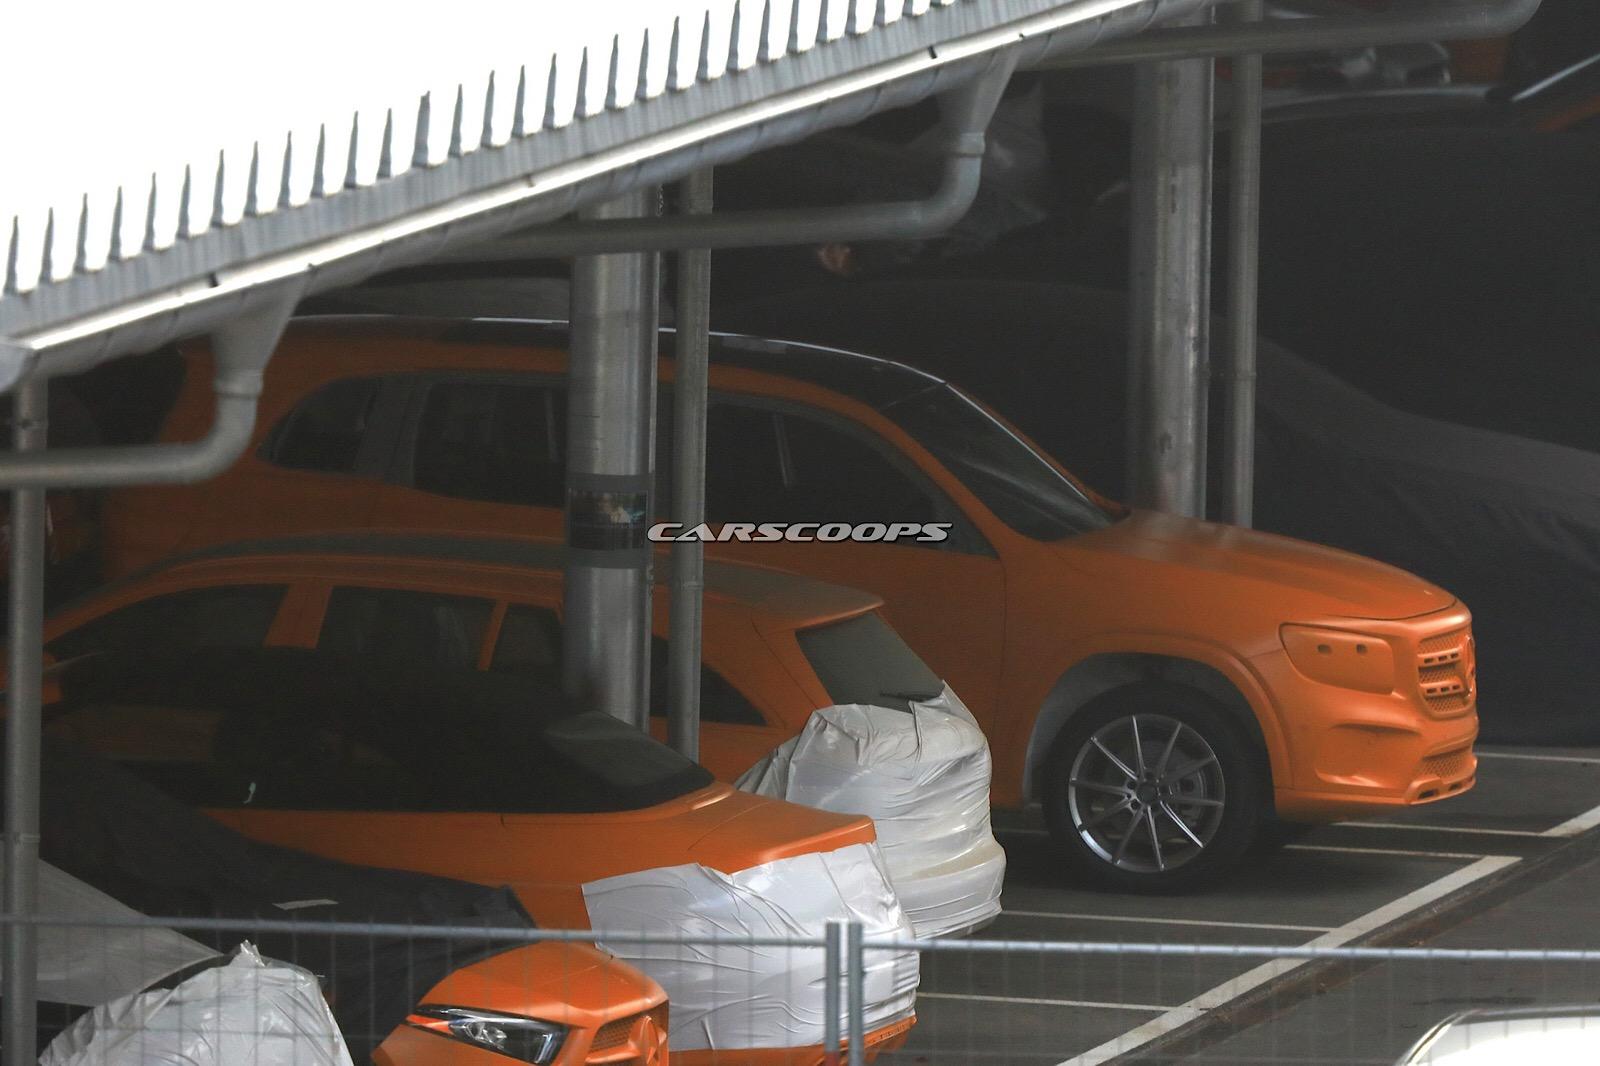 Новый кроссовер Мерседес-Бенс GLB впервый раз увидели без камуфляжной защиты